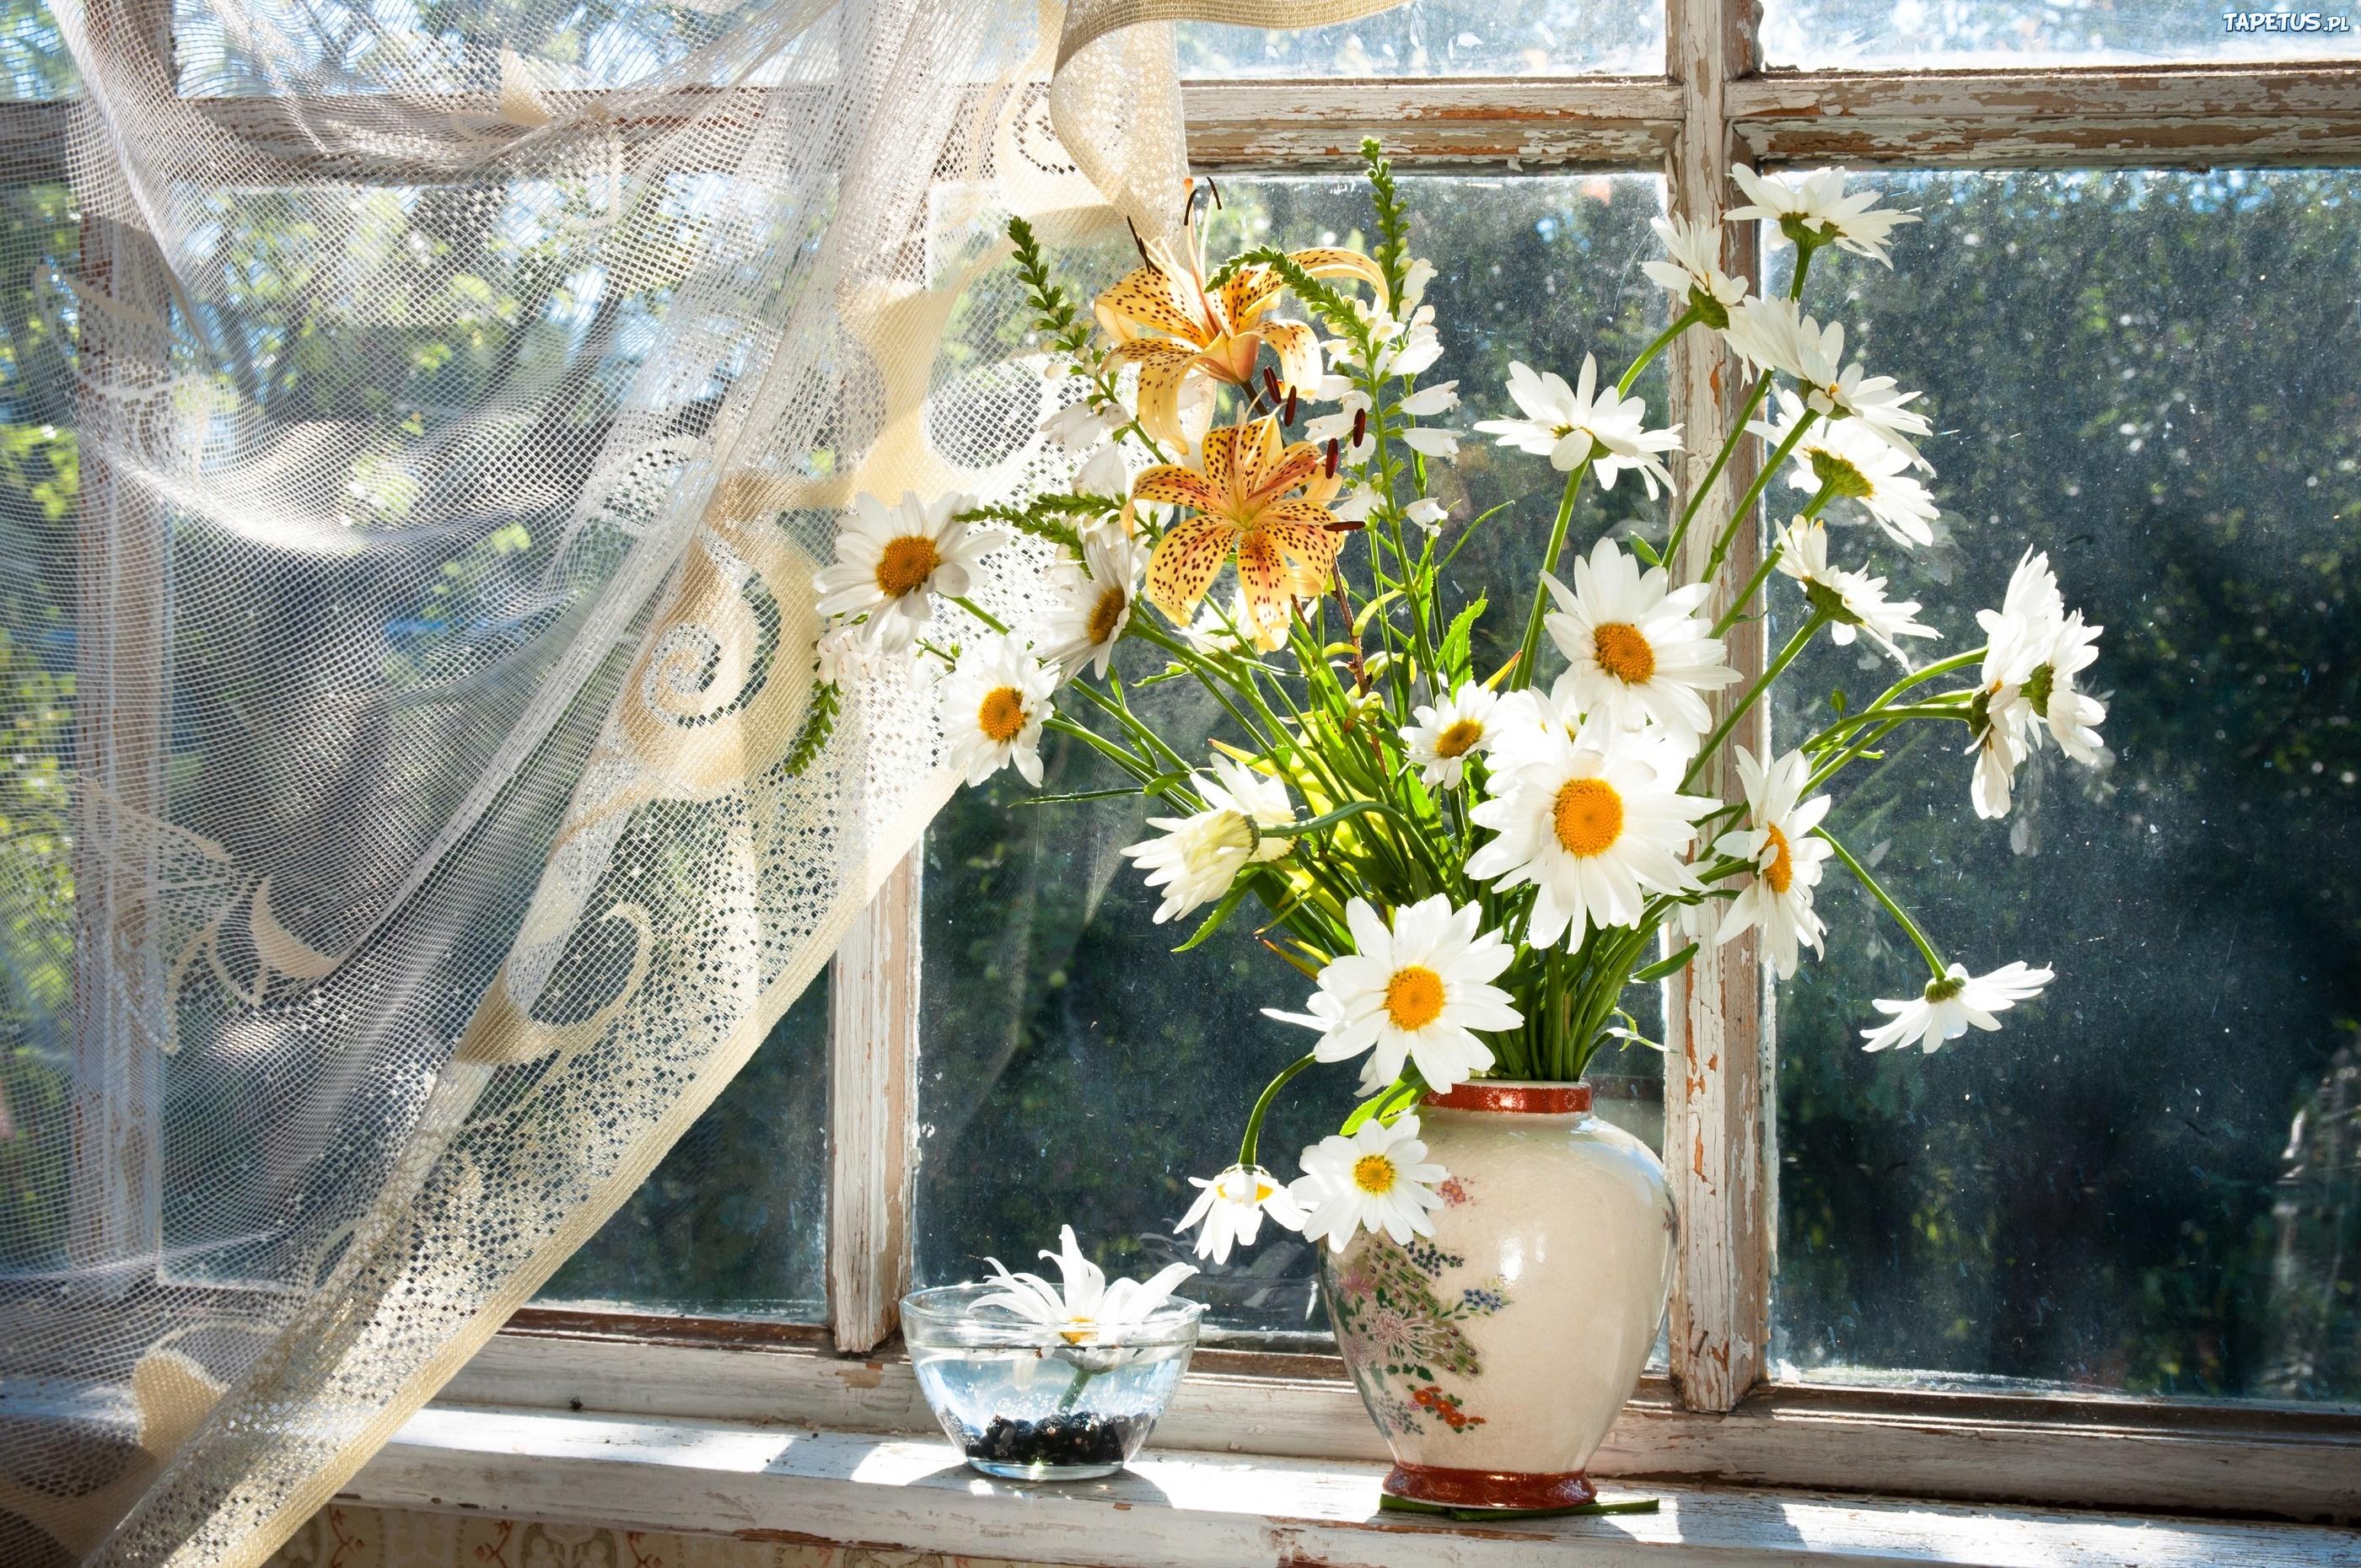 https://www.tapetus.pl/obrazki/n/254946_kompozycja-margerytki-lilie-bukiet-kwiatow-okno.jpg